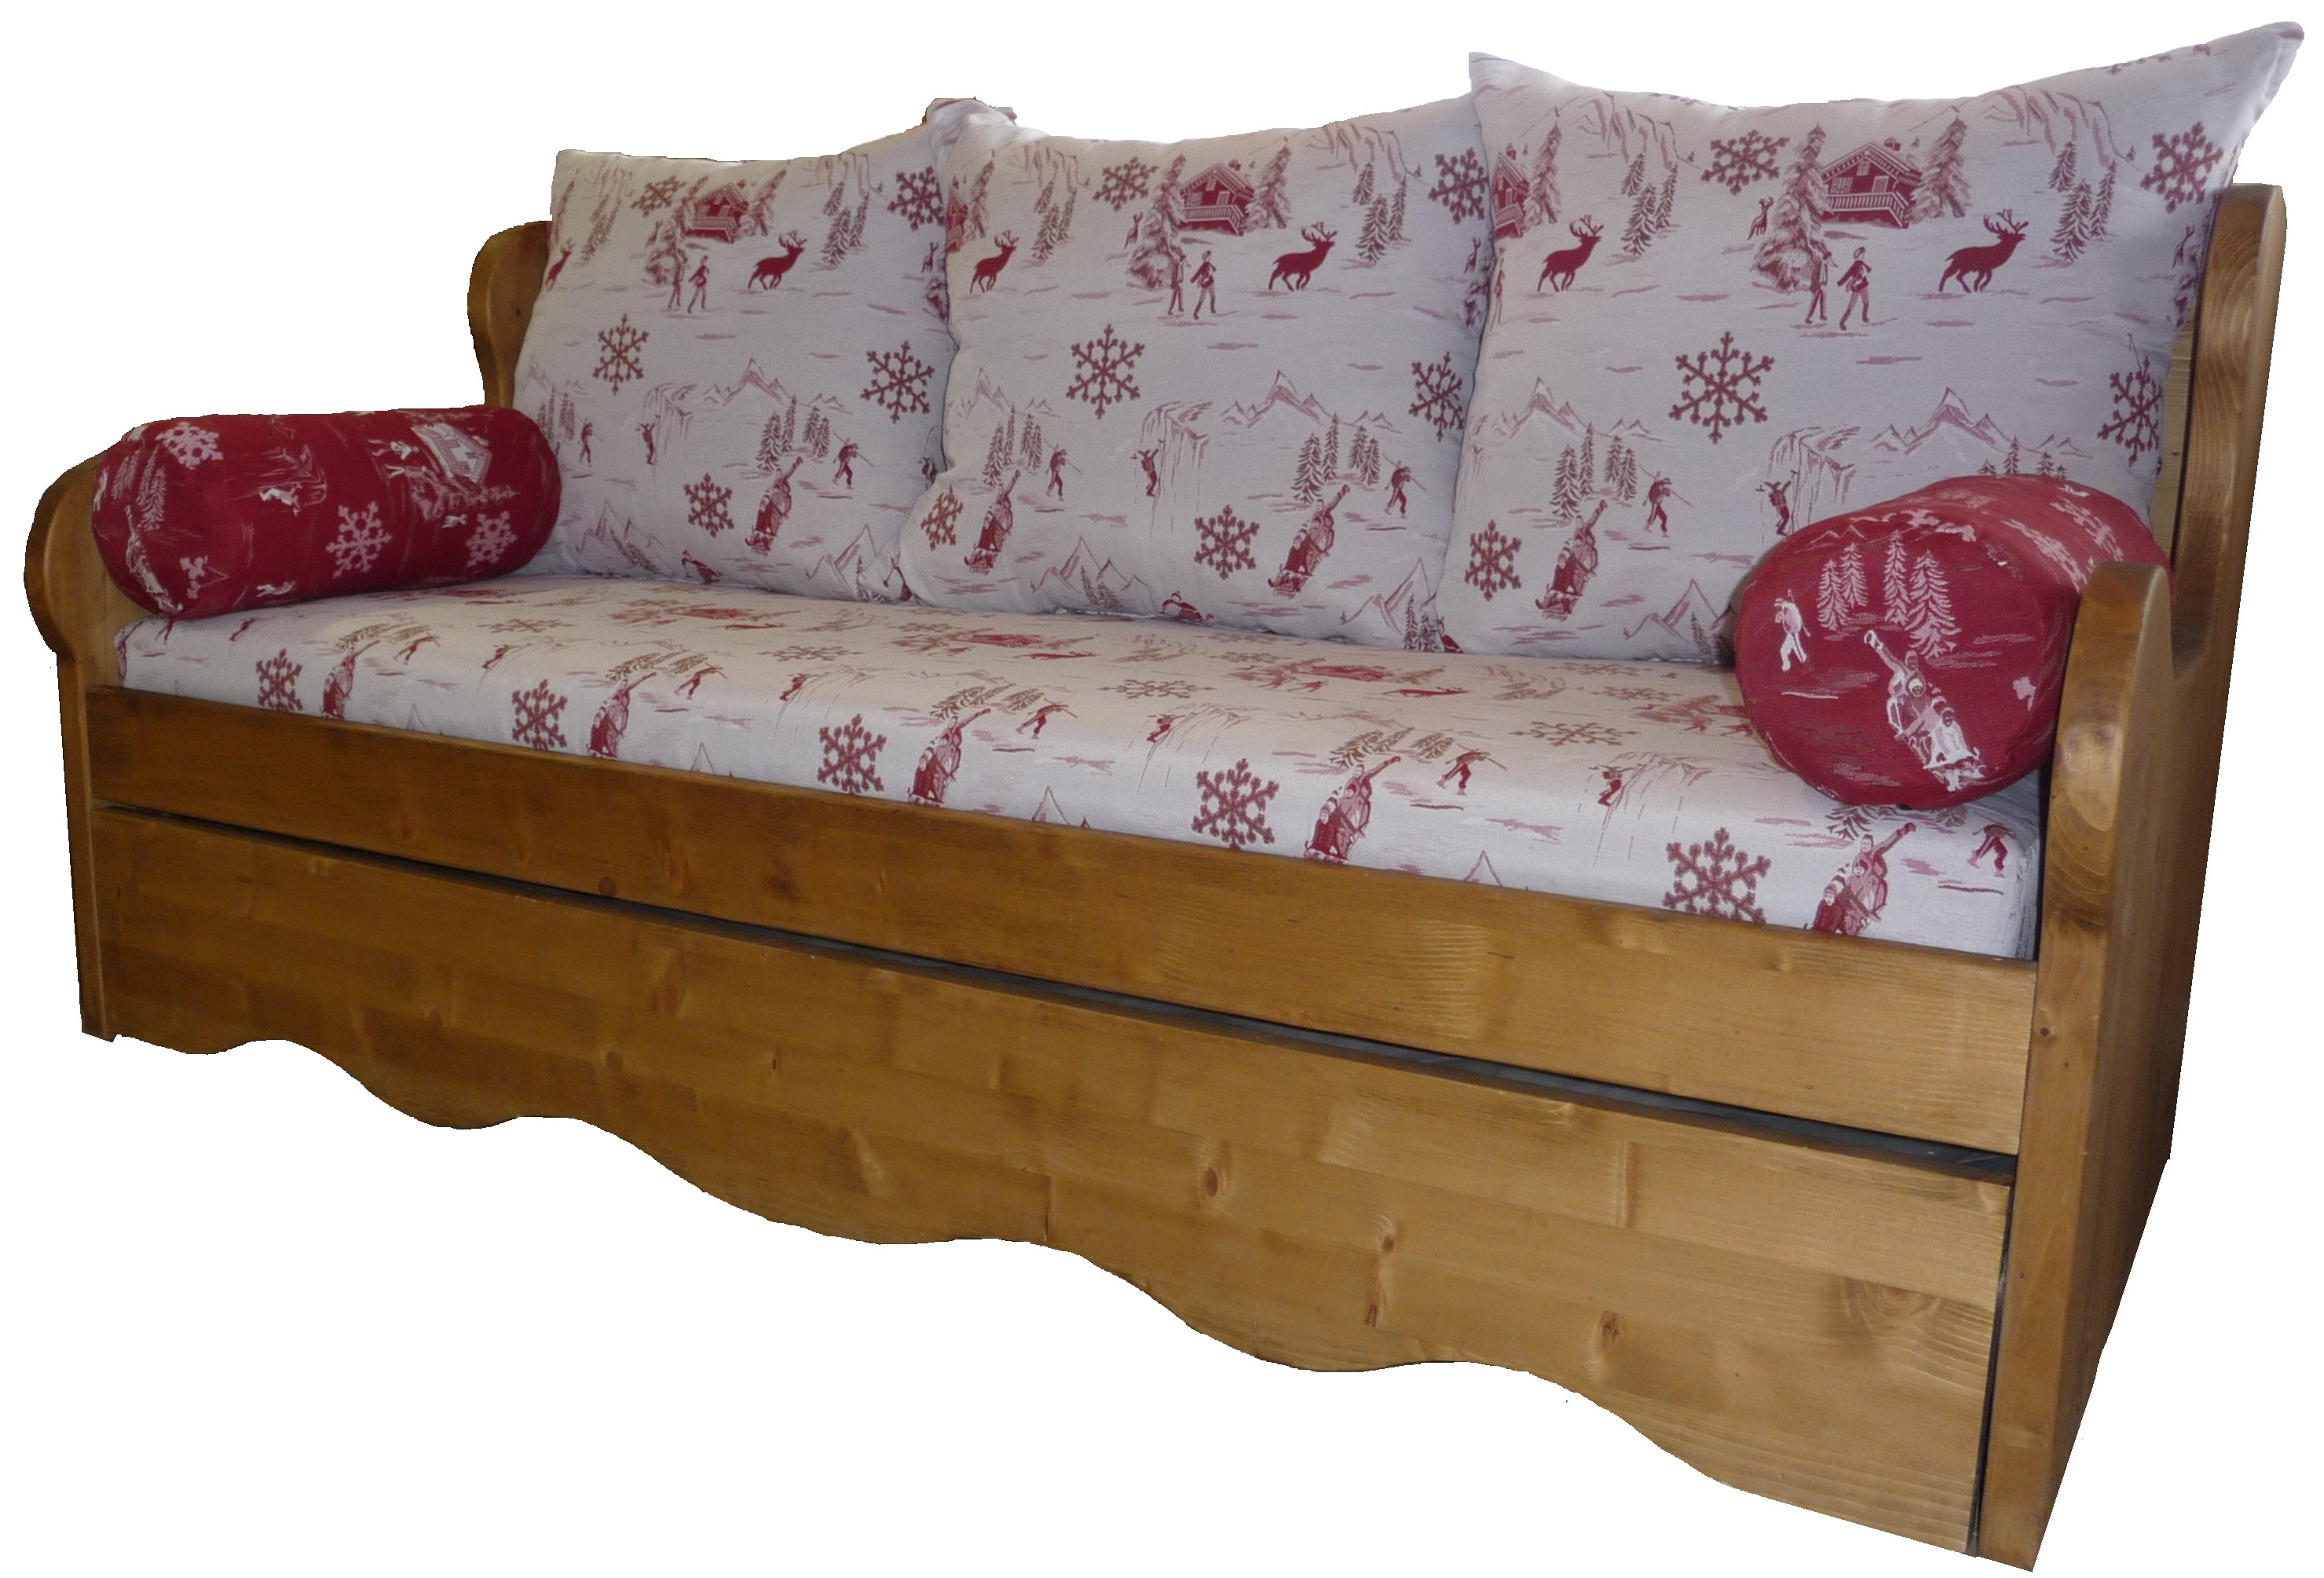 banquette gigogne montagne. Black Bedroom Furniture Sets. Home Design Ideas